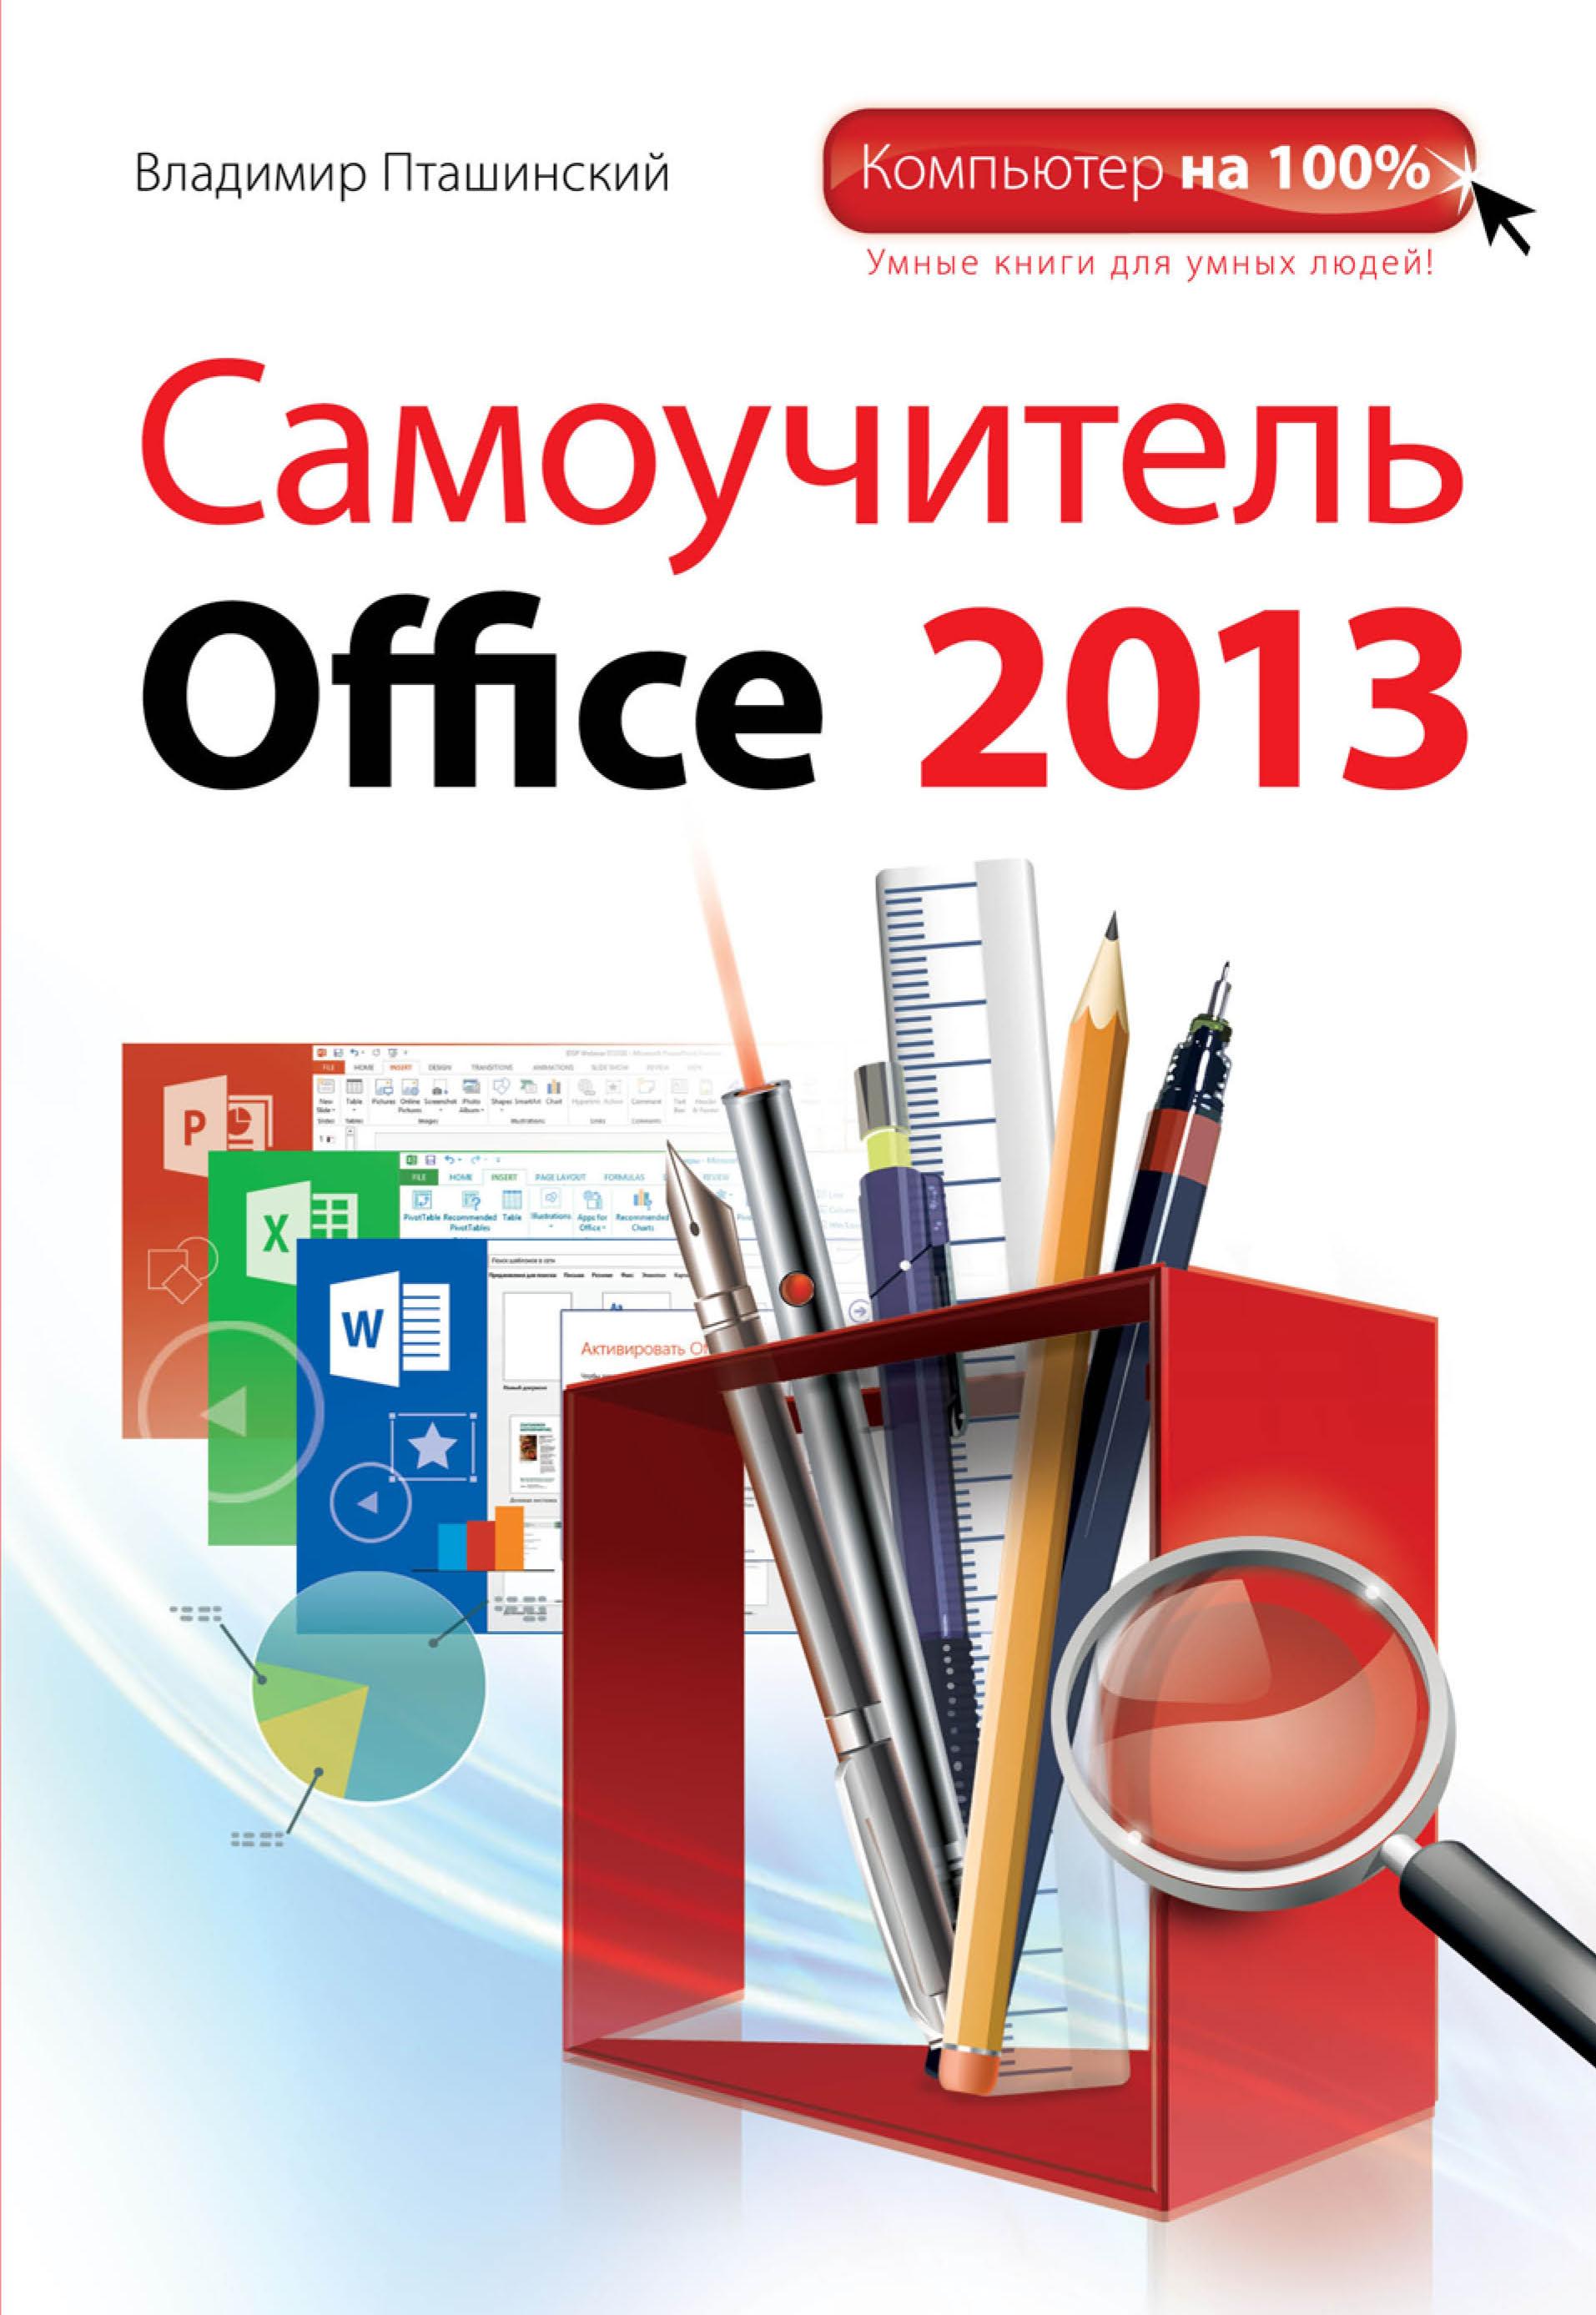 Владимир Пташинский Самоучитель Office 2013 языки для office 2013